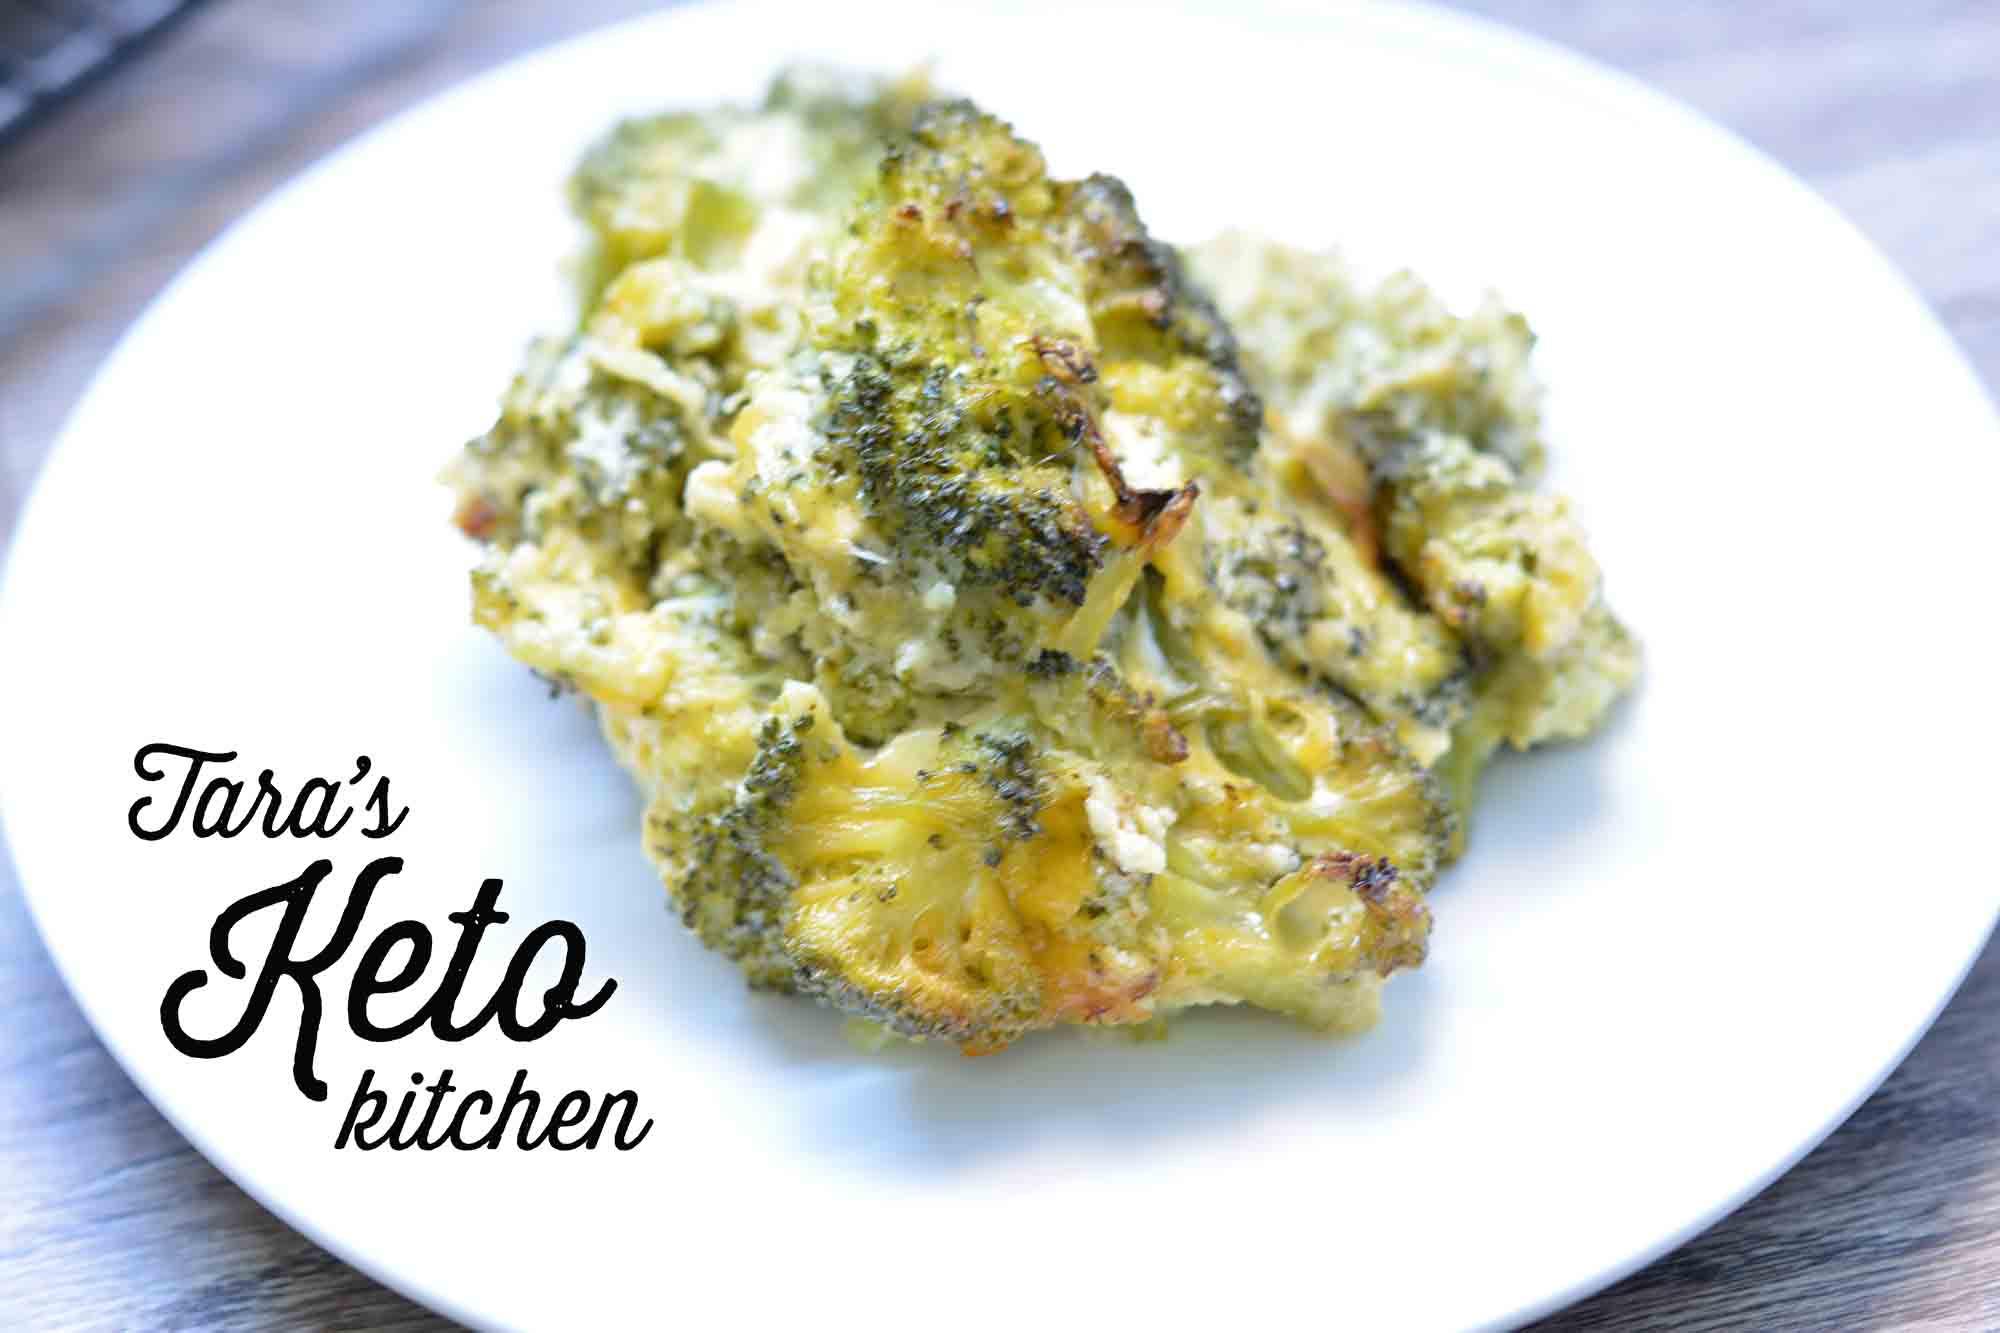 Keto Broccoli Casserole  Keto Cheesy Broccoli Casserole Low Carb